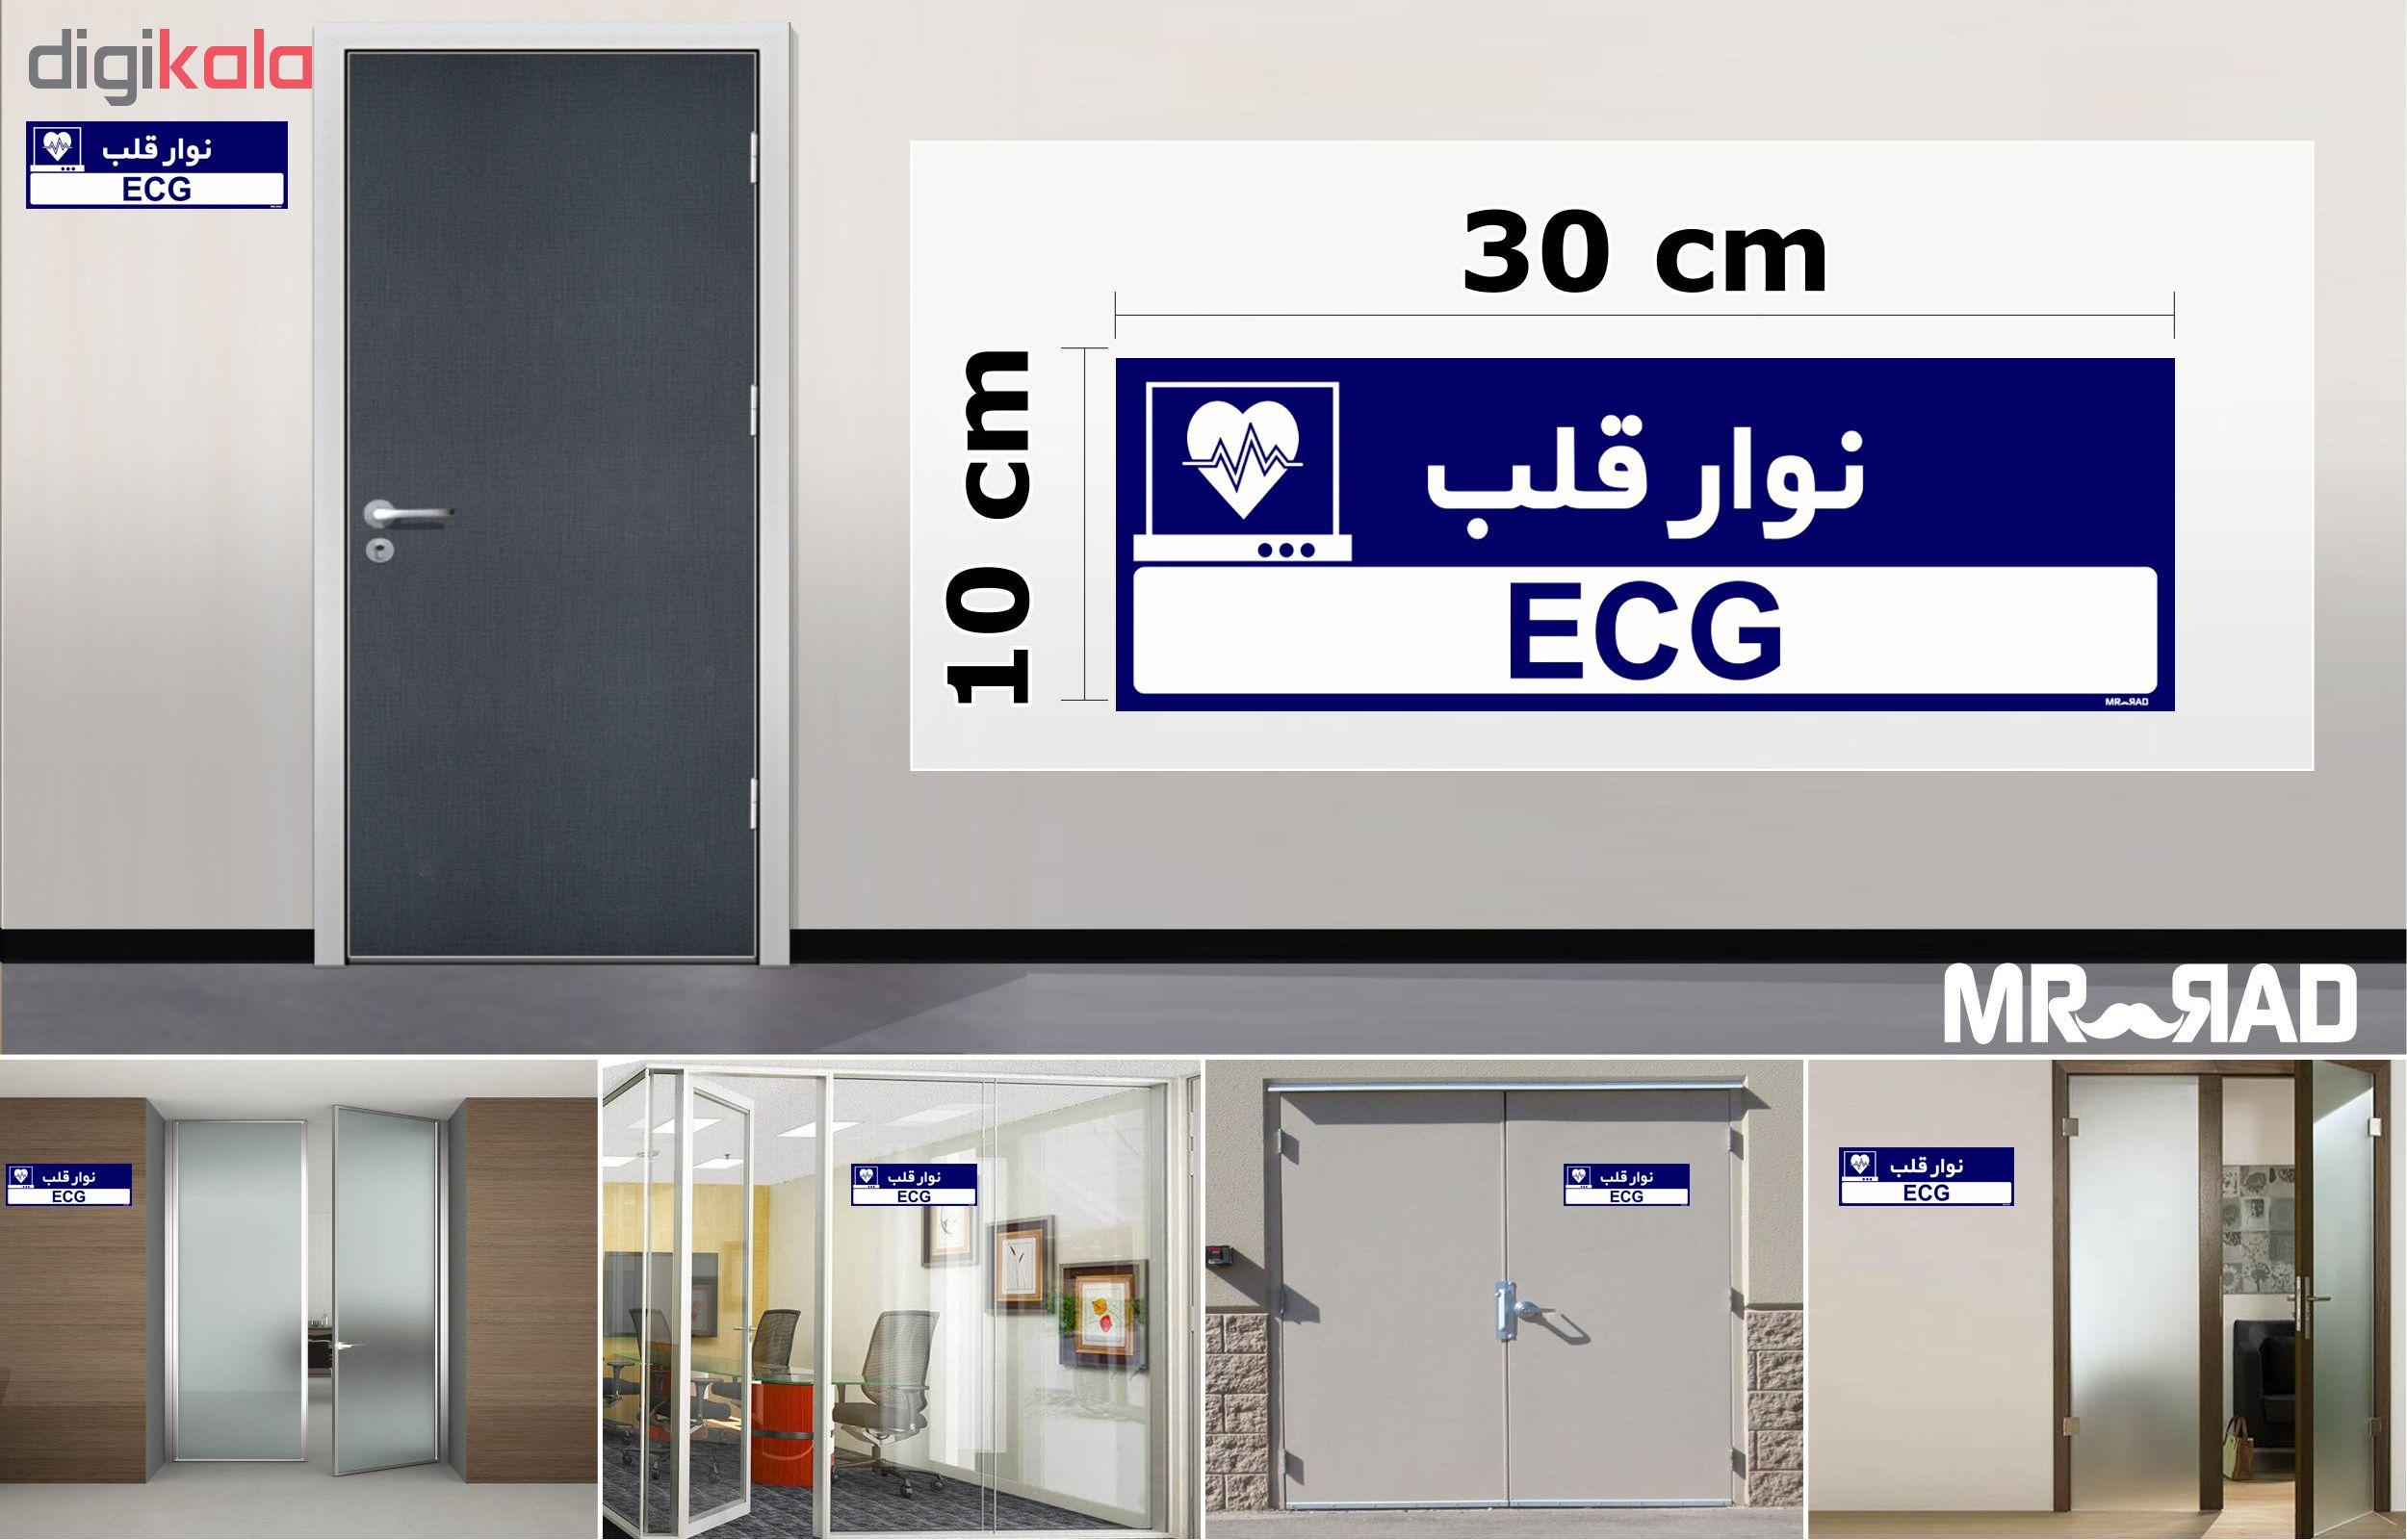 تابلو راهنمای اتاق FG طرح نوار قلب کدTHO0459